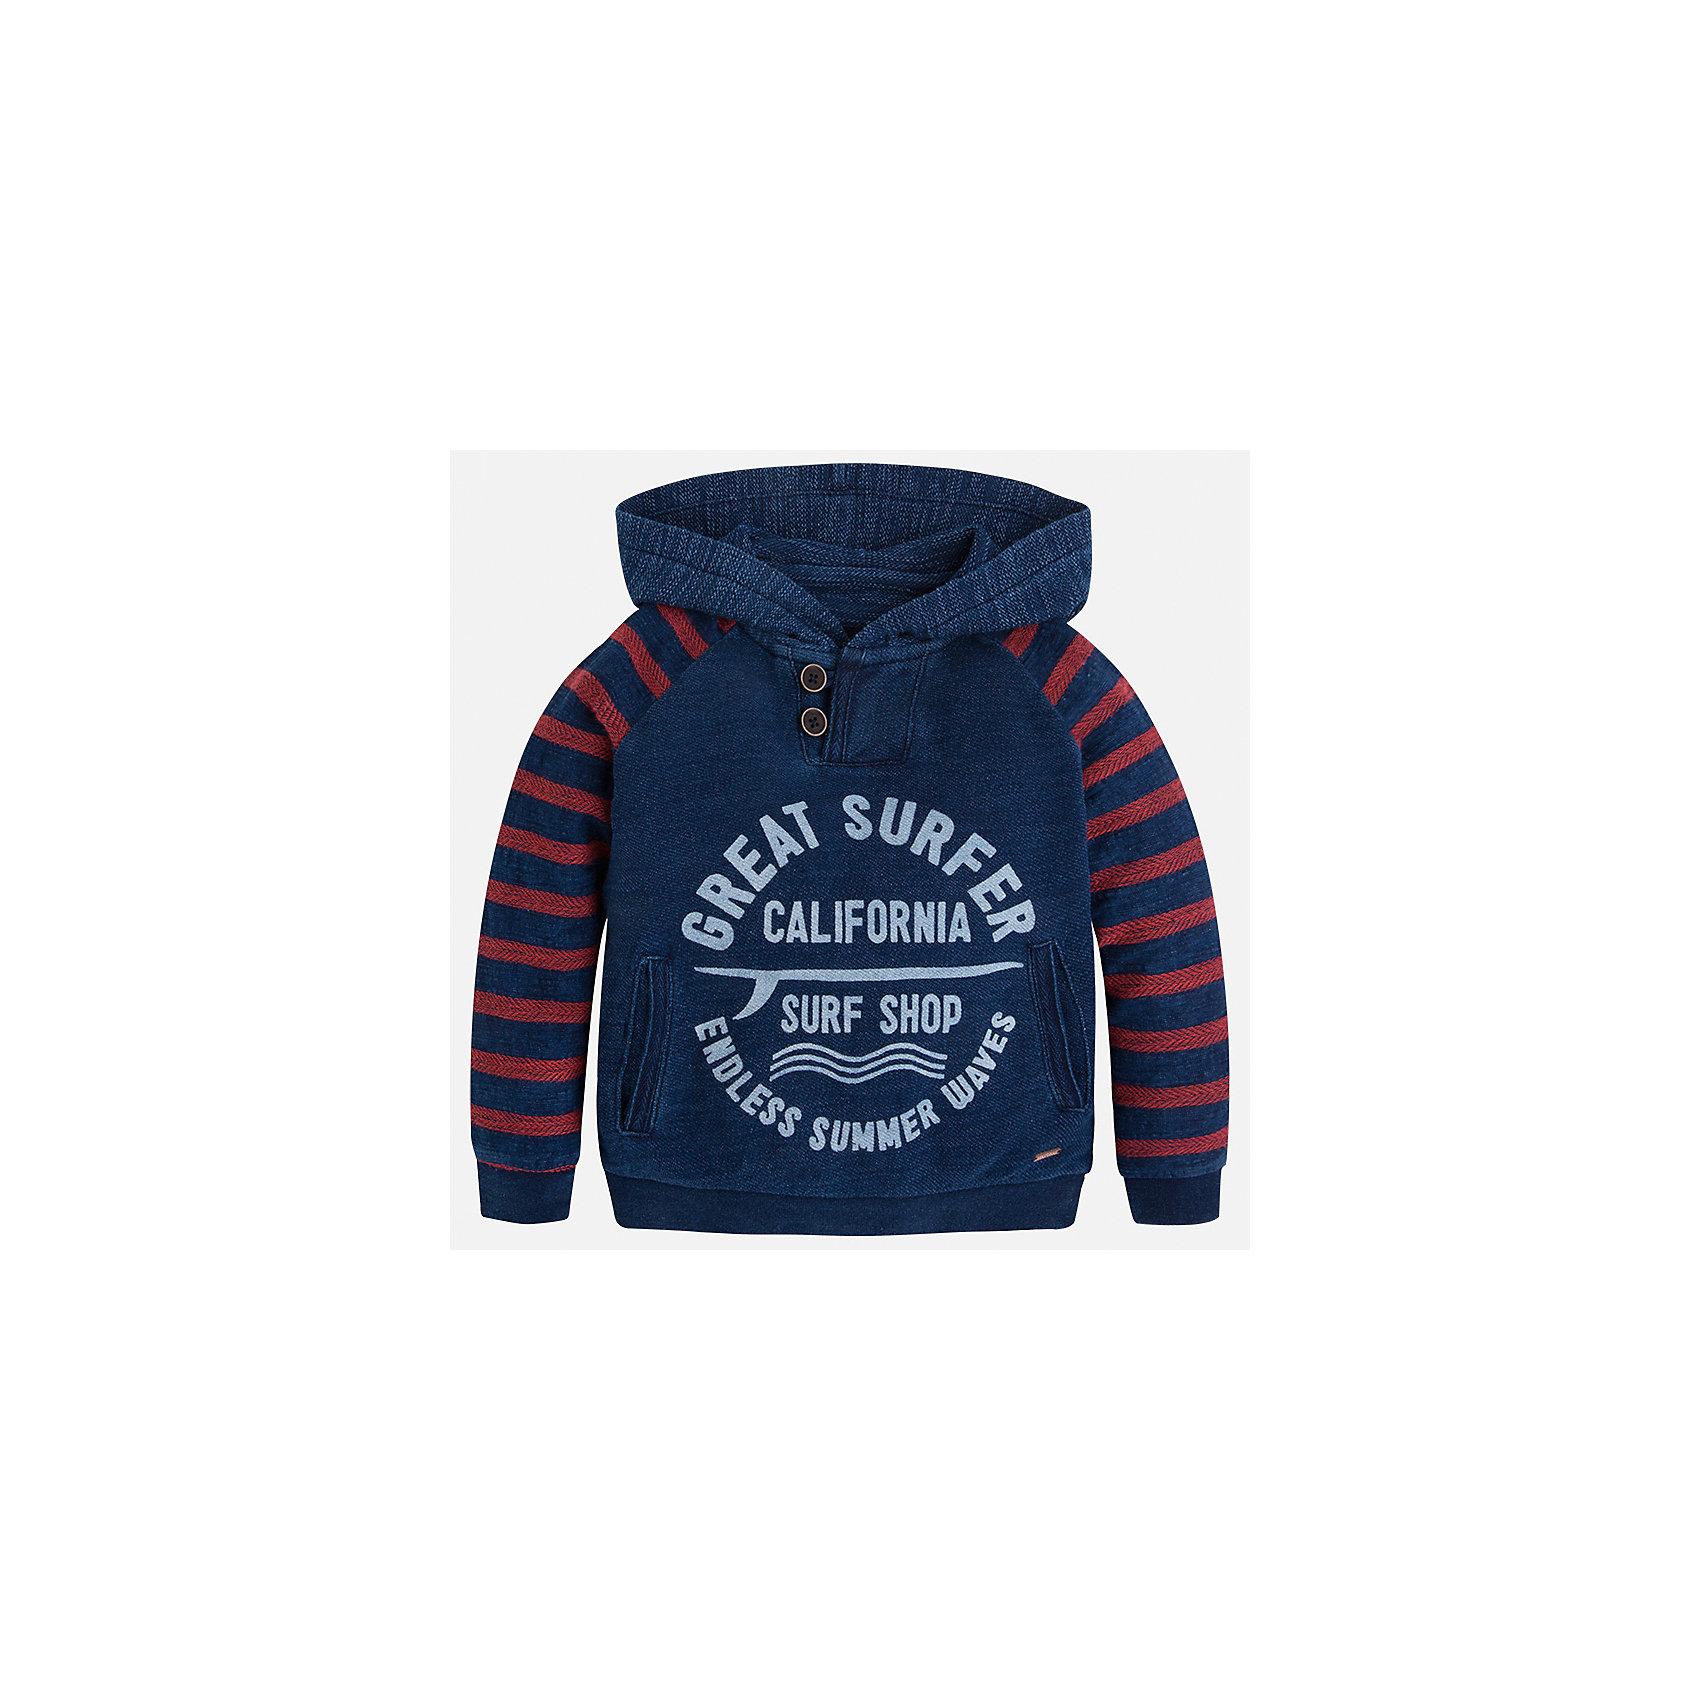 Свитер для мальчика MayoralХарактеристики товара:<br><br>• цвет: красный/синий<br>• состав: 74% хлопок, 26% полиэстер<br>• рукава длинные <br>• принт<br>• карманы<br>• капюшон<br>• страна бренда: Испания<br><br>Удобный и красивый свитер для мальчика поможет разнообразить гардероб ребенка и обеспечить тепло. Он отлично сочетается и с джинсами, и с брюками. Универсальный цвет позволяет подобрать к вещи низ различных расцветок. Интересная отделка модели делает её нарядной и оригинальной. В составе материала - натуральный хлопок, гипоаллергенный, приятный на ощупь, дышащий.<br><br>Одежда, обувь и аксессуары от испанского бренда Mayoral полюбились детям и взрослым по всему миру. Модели этой марки - стильные и удобные. Для их производства используются только безопасные, качественные материалы и фурнитура. Порадуйте ребенка модными и красивыми вещами от Mayoral! <br><br>Свитер для мальчика от испанского бренда Mayoral (Майорал) можно купить в нашем интернет-магазине.<br><br>Ширина мм: 190<br>Глубина мм: 74<br>Высота мм: 229<br>Вес г: 236<br>Цвет: синий<br>Возраст от месяцев: 18<br>Возраст до месяцев: 24<br>Пол: Мужской<br>Возраст: Детский<br>Размер: 92,134,128,122,116,110,104,98<br>SKU: 5272828